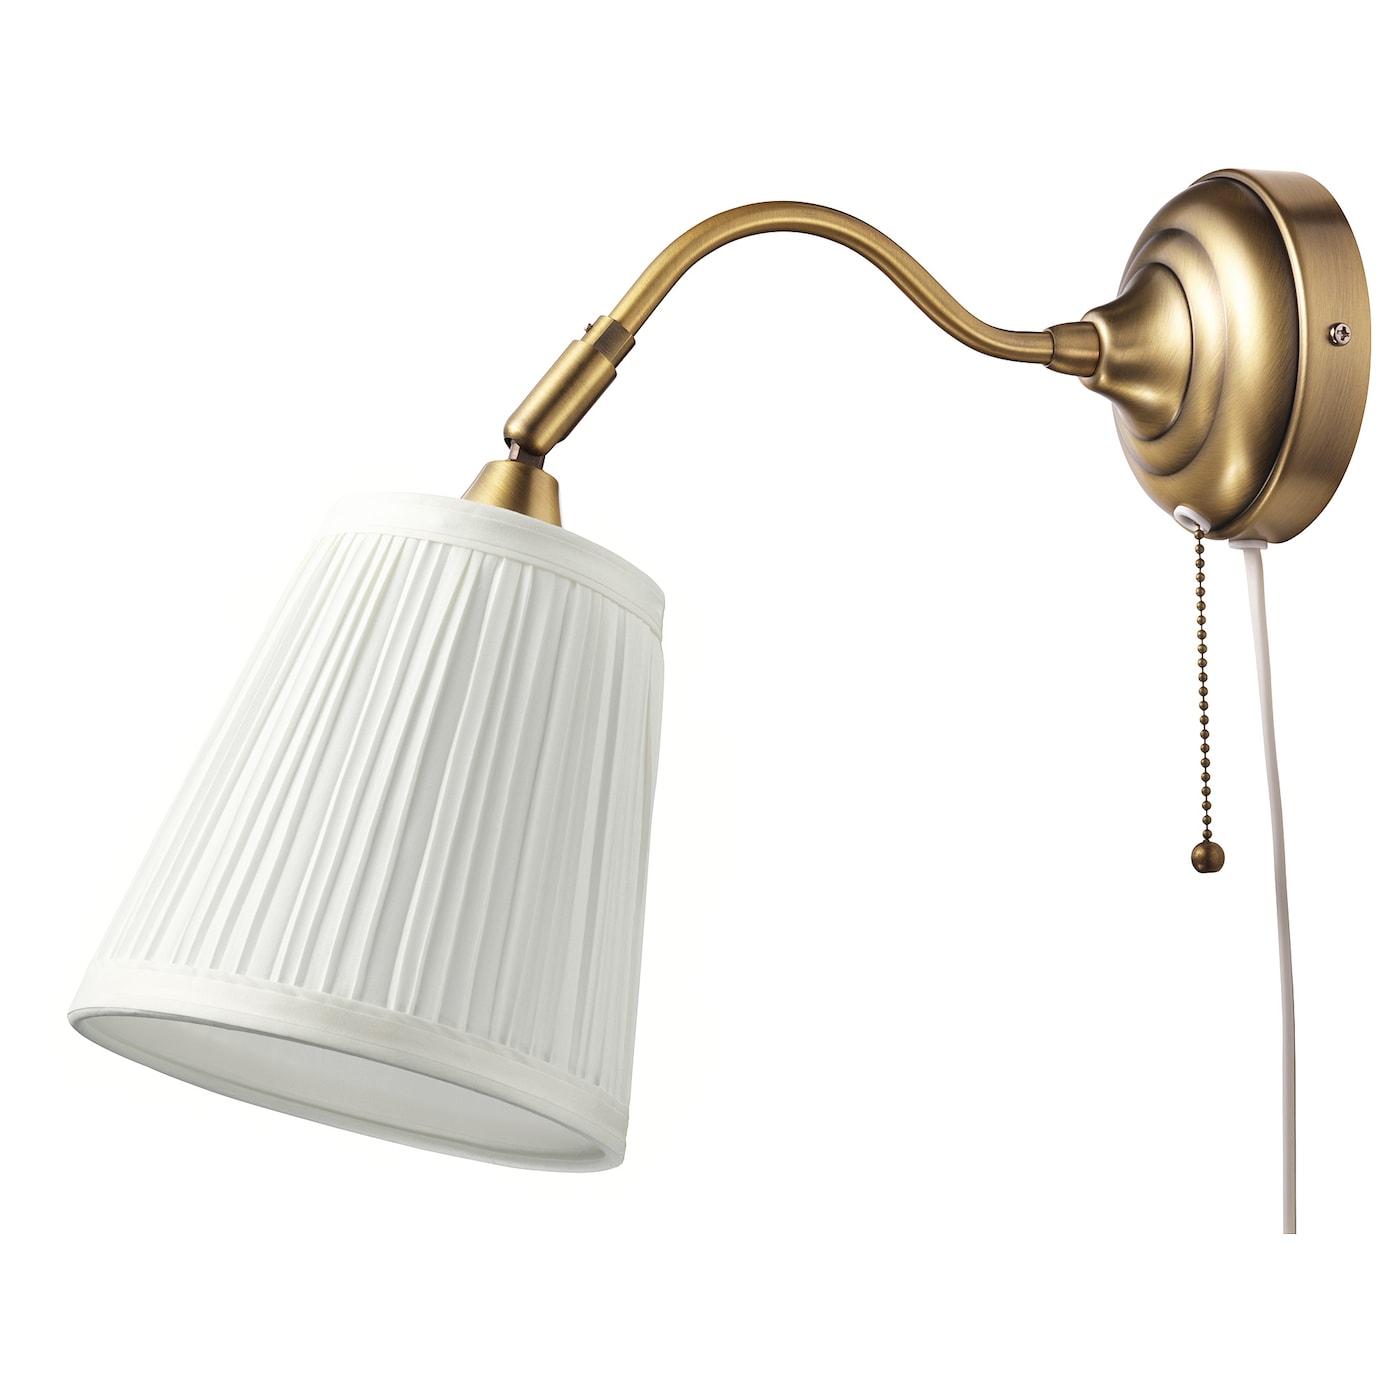 Iluminacion De Dormitorio Lamparas Dormitorio Compra Online Ikea - Lmparas-de-pared